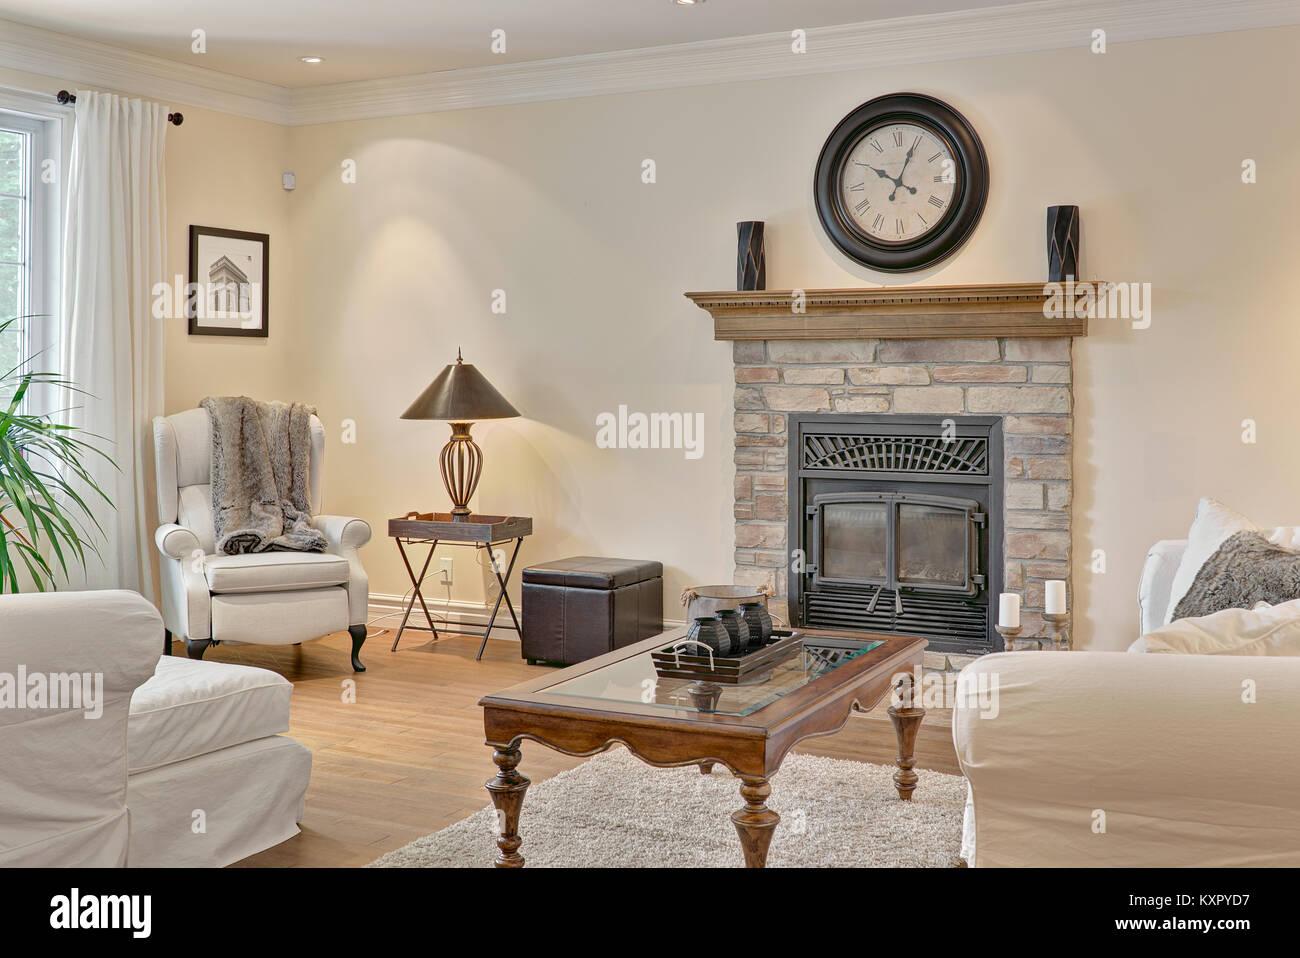 Rilassante salotto con caminetto a legno focolare e una finestra